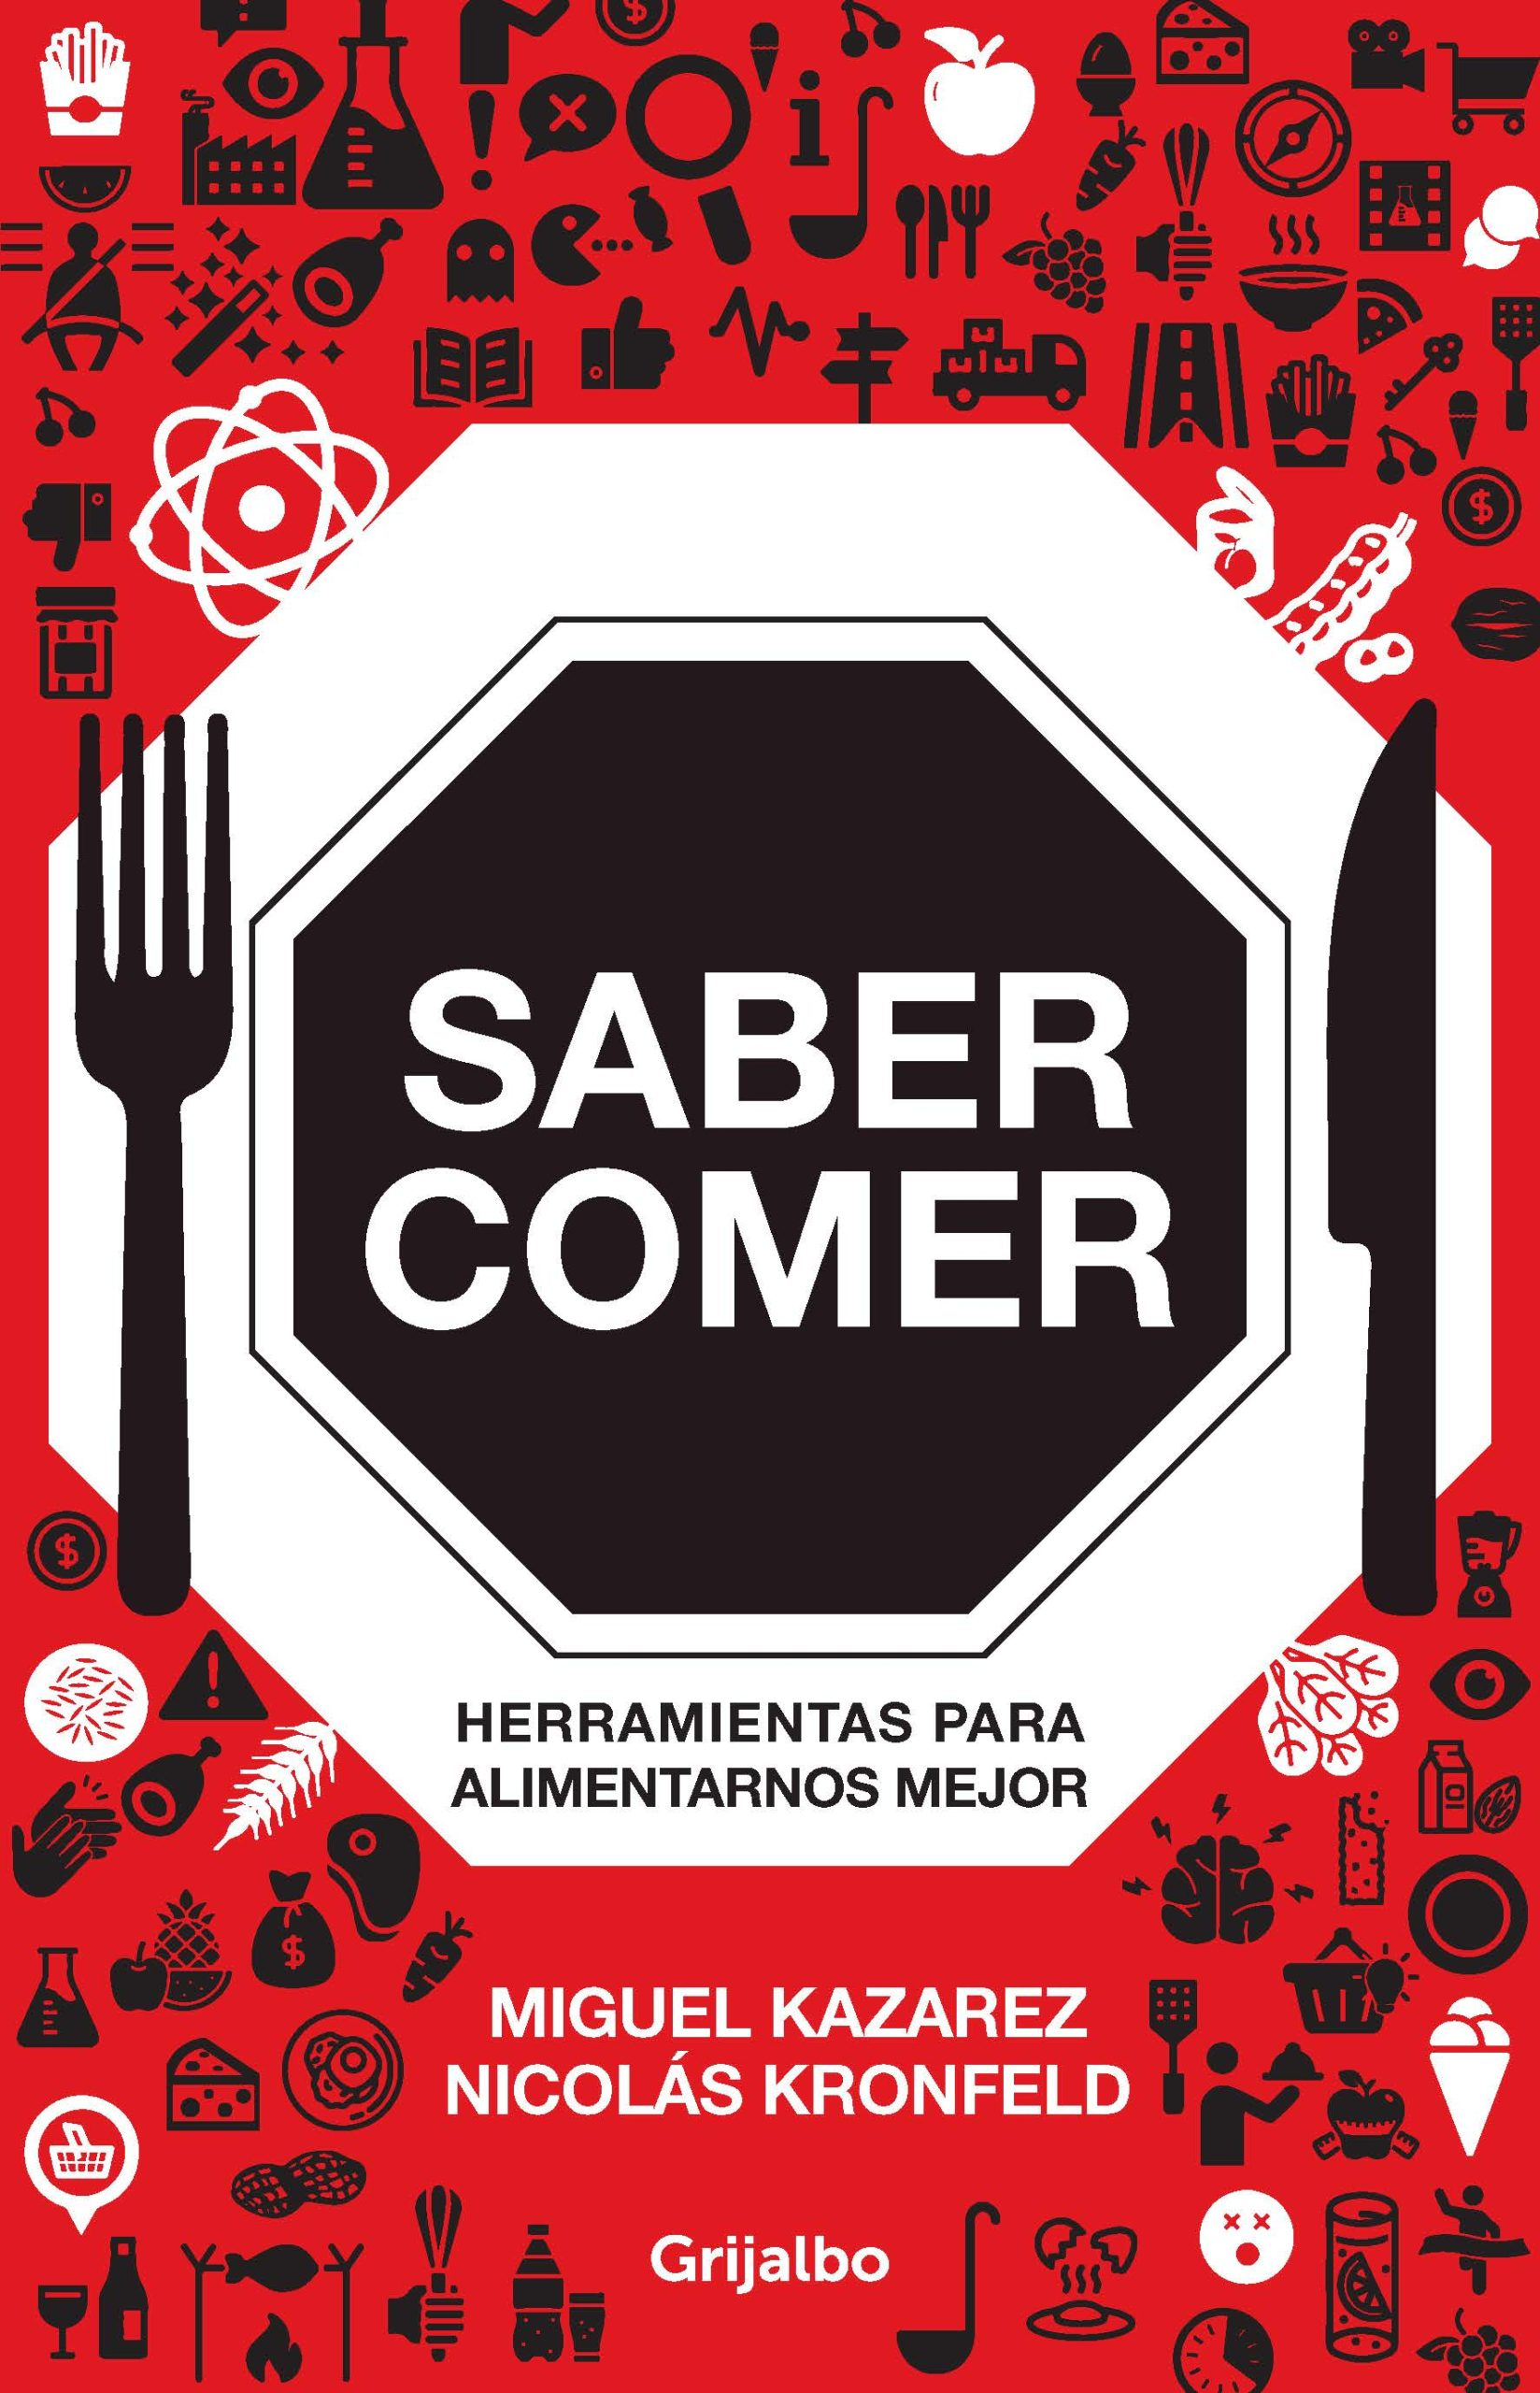 Saber Comer: Herramientas para Alimentarnos Mejor - Miguel Kazarez/Nicolás Kronfeld